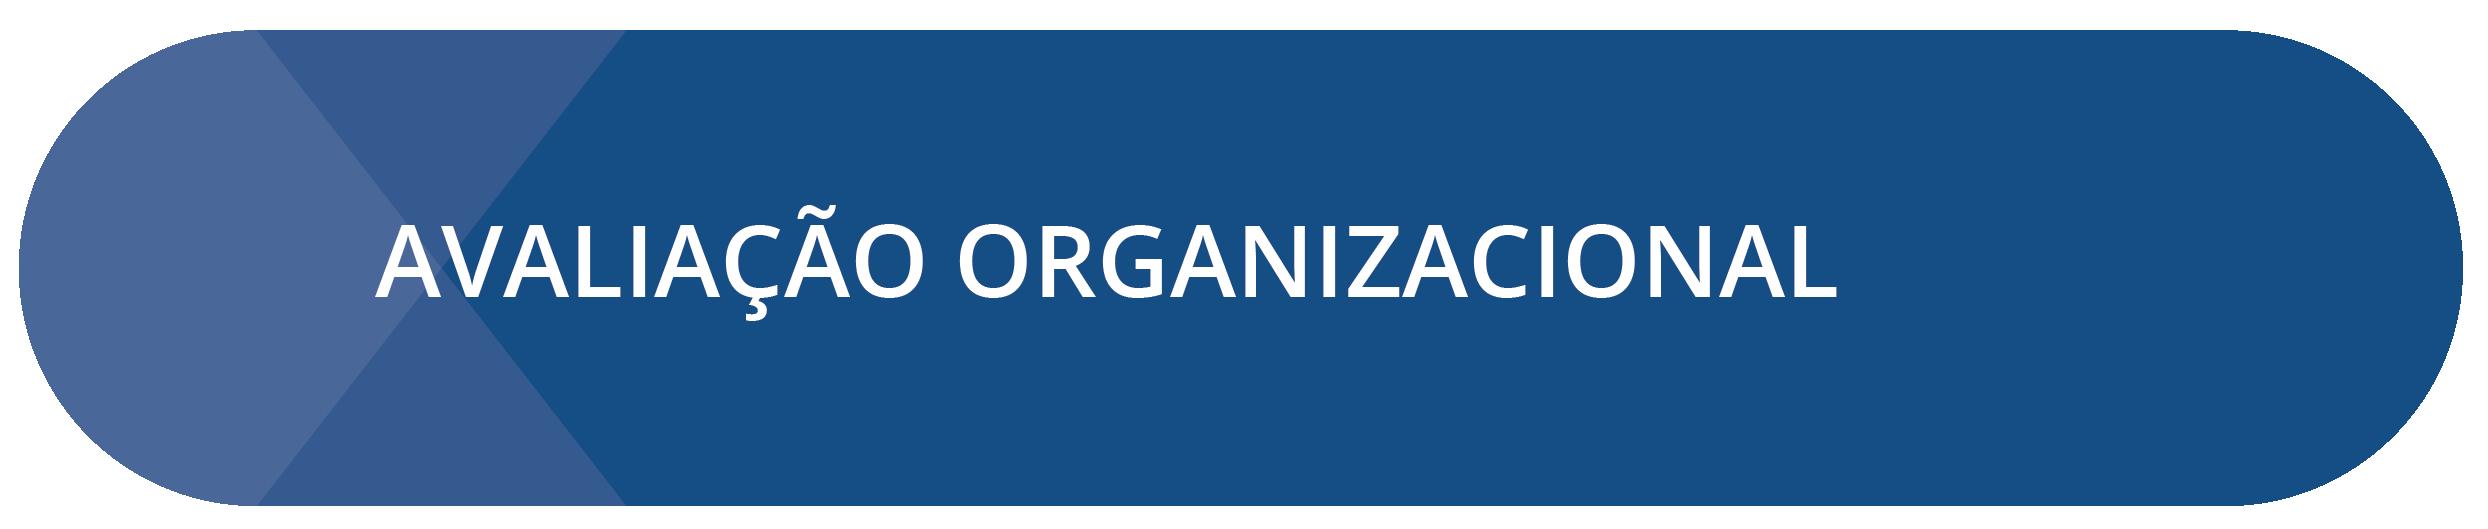 organização de pessoas